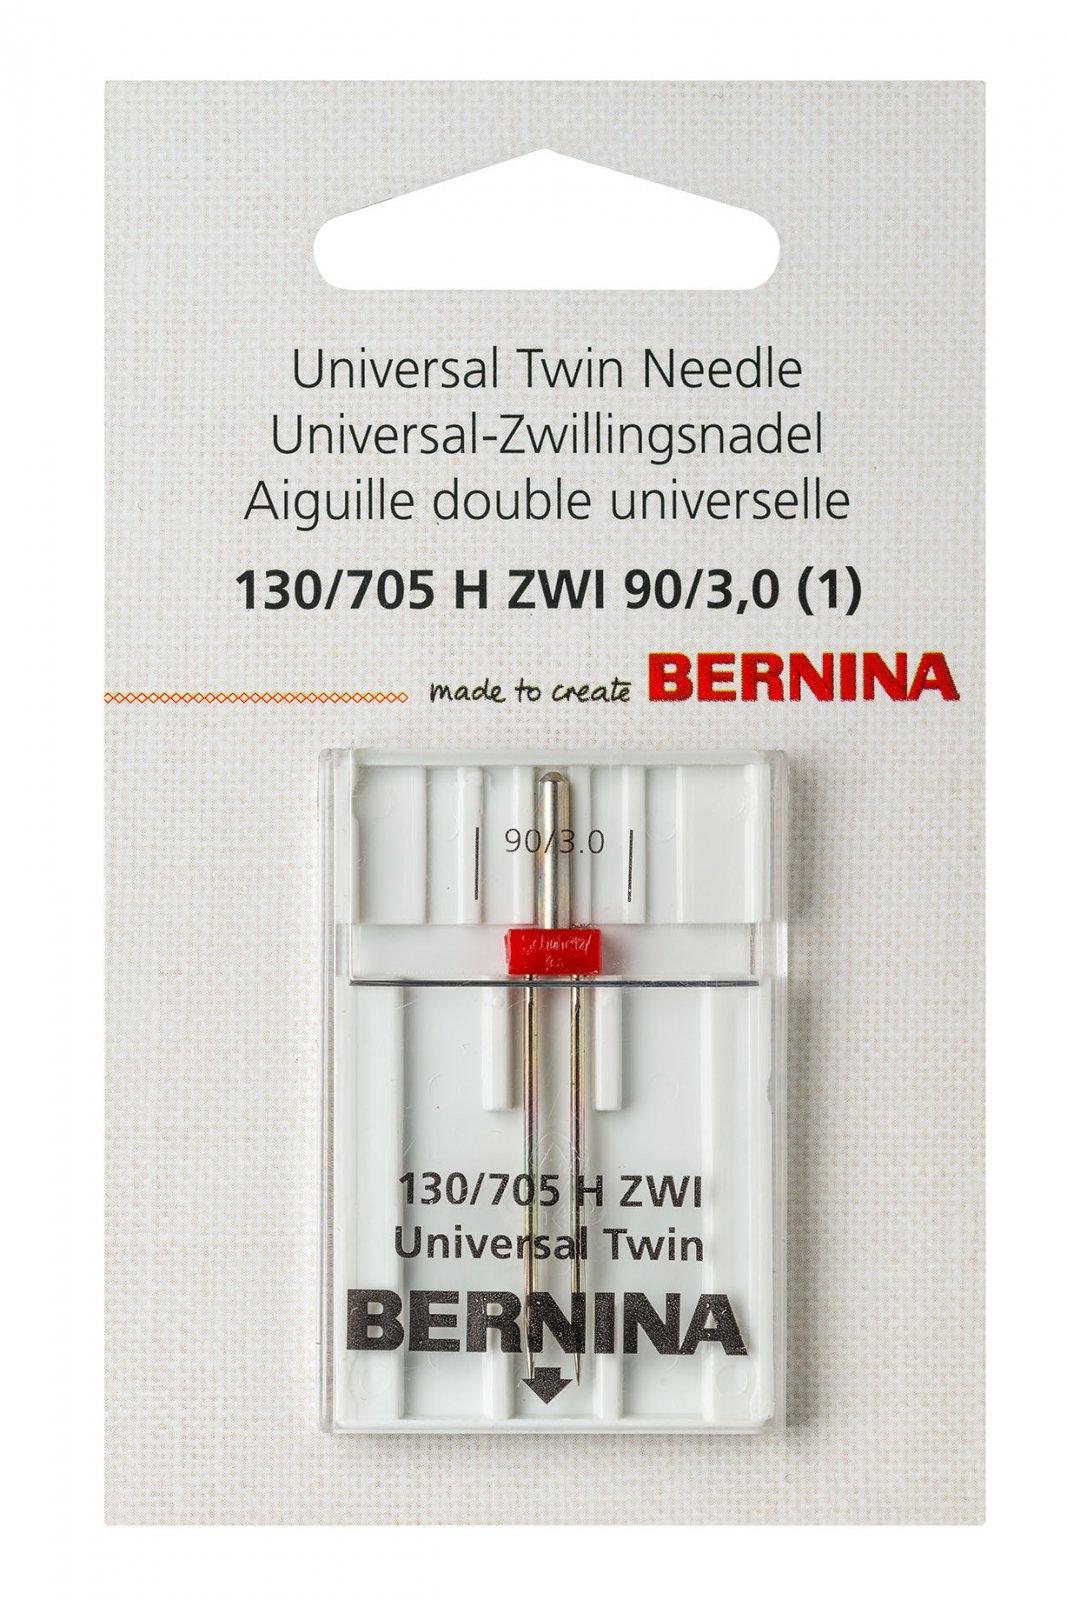 BERNINA MACHINE NEEDLES 130705-H-80